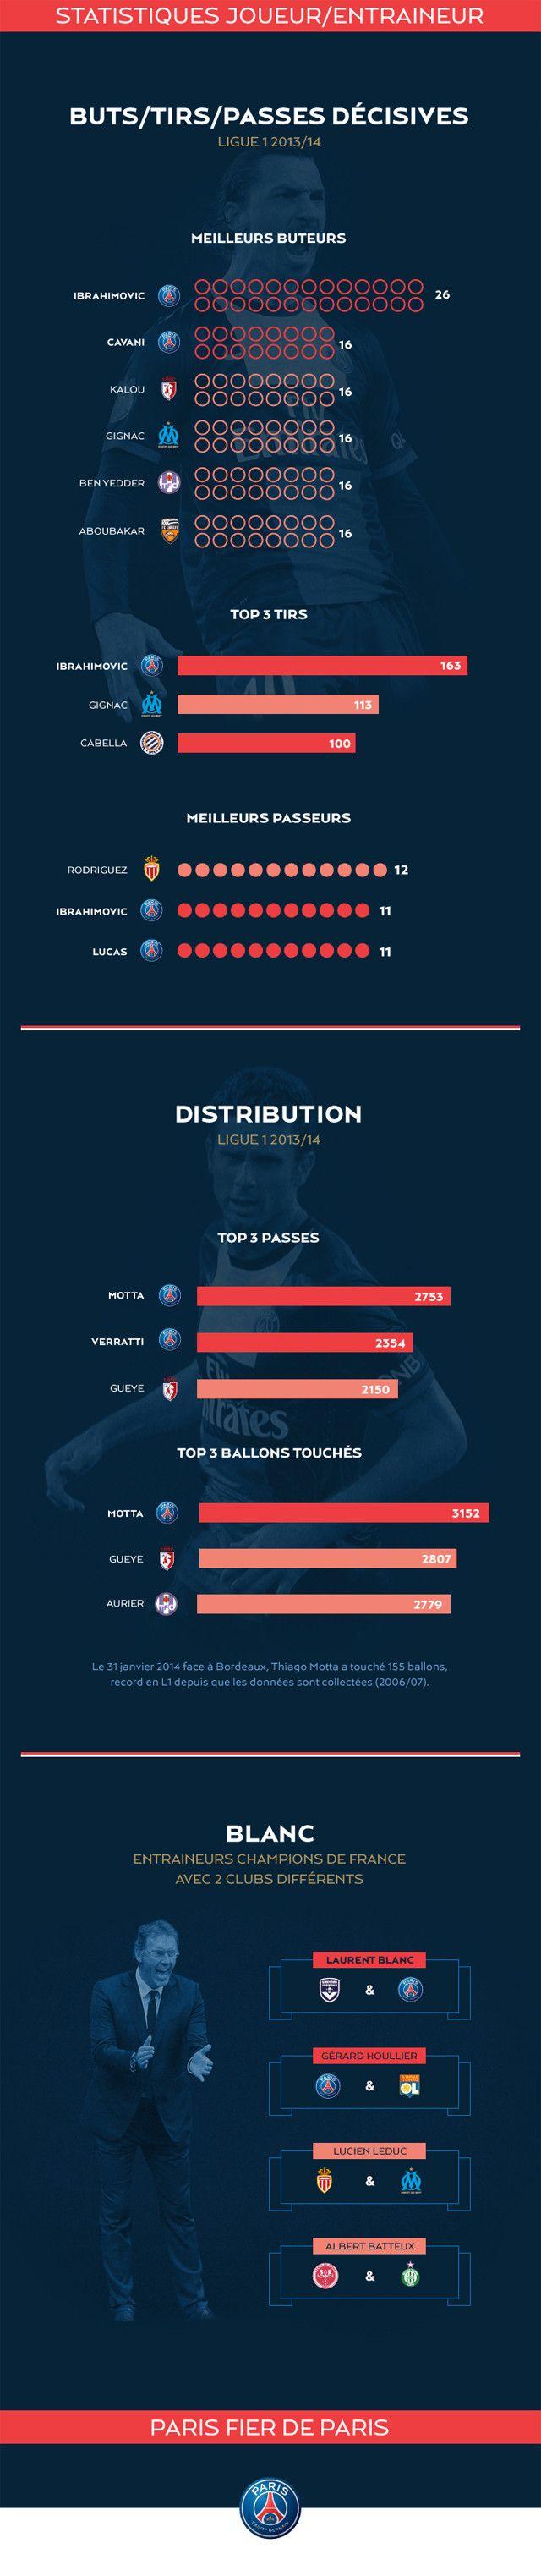 L'infographie du Champion (1/2) - Parisiens et Champions - PSG.fr